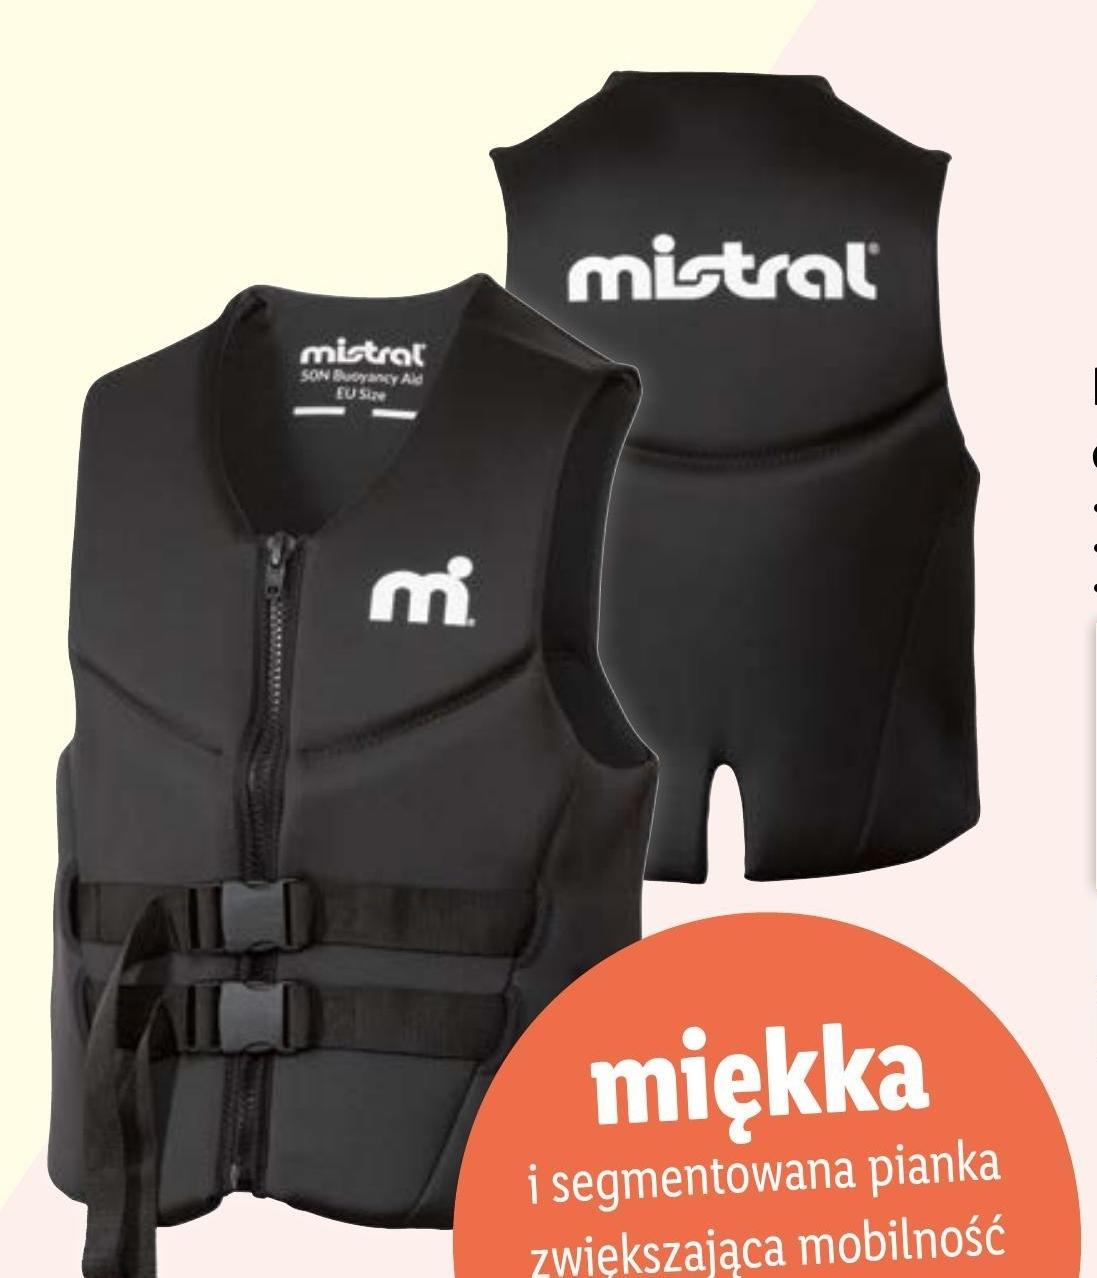 Kamizelka do pływania Mistral niska cena